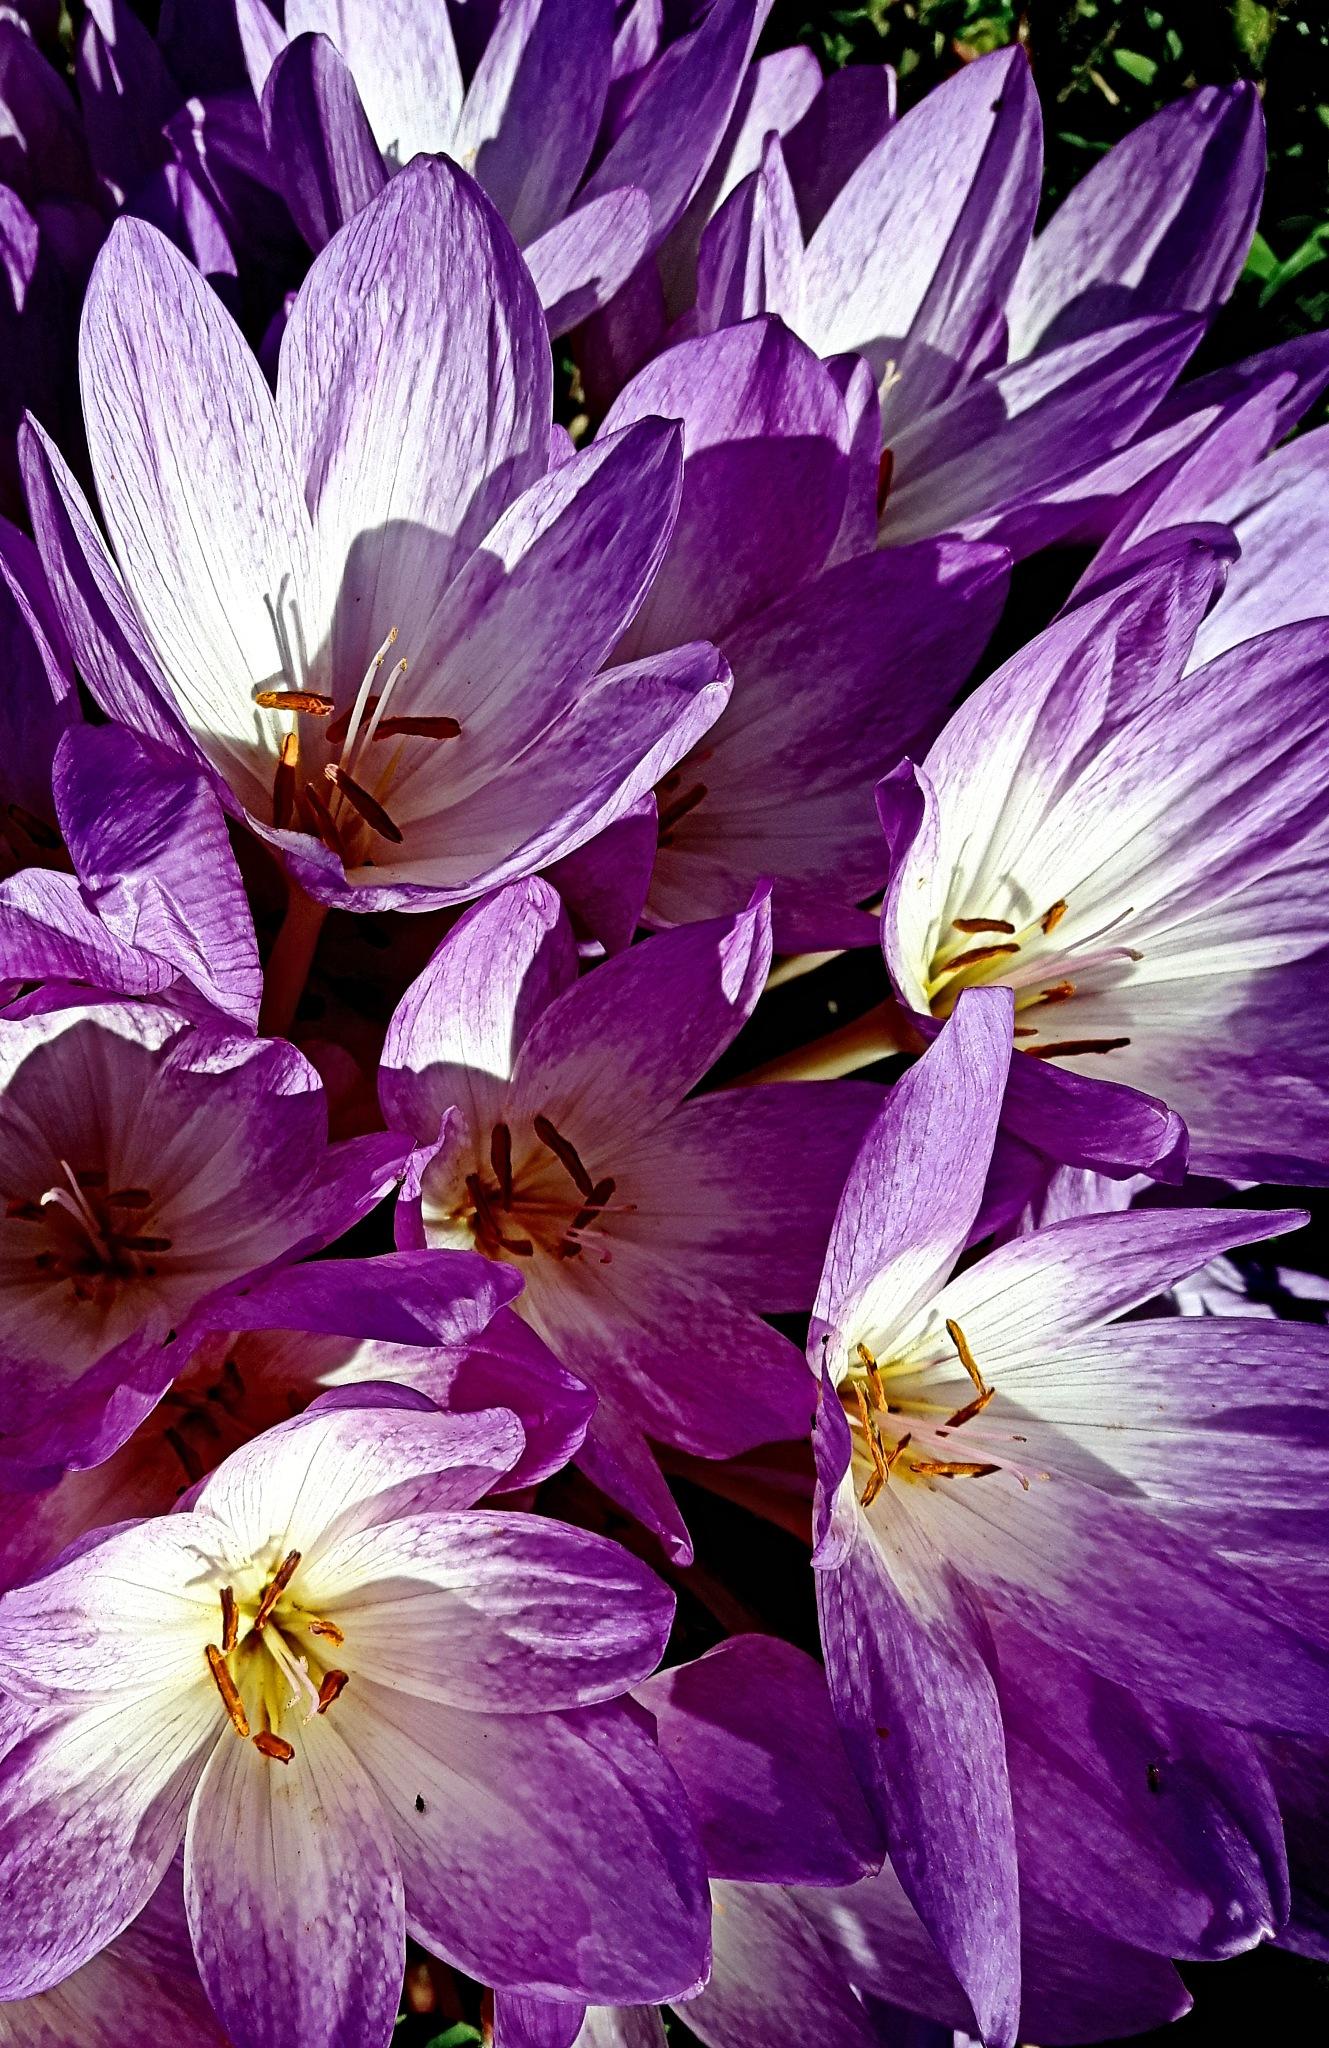 Late Bloom by Steve Webb